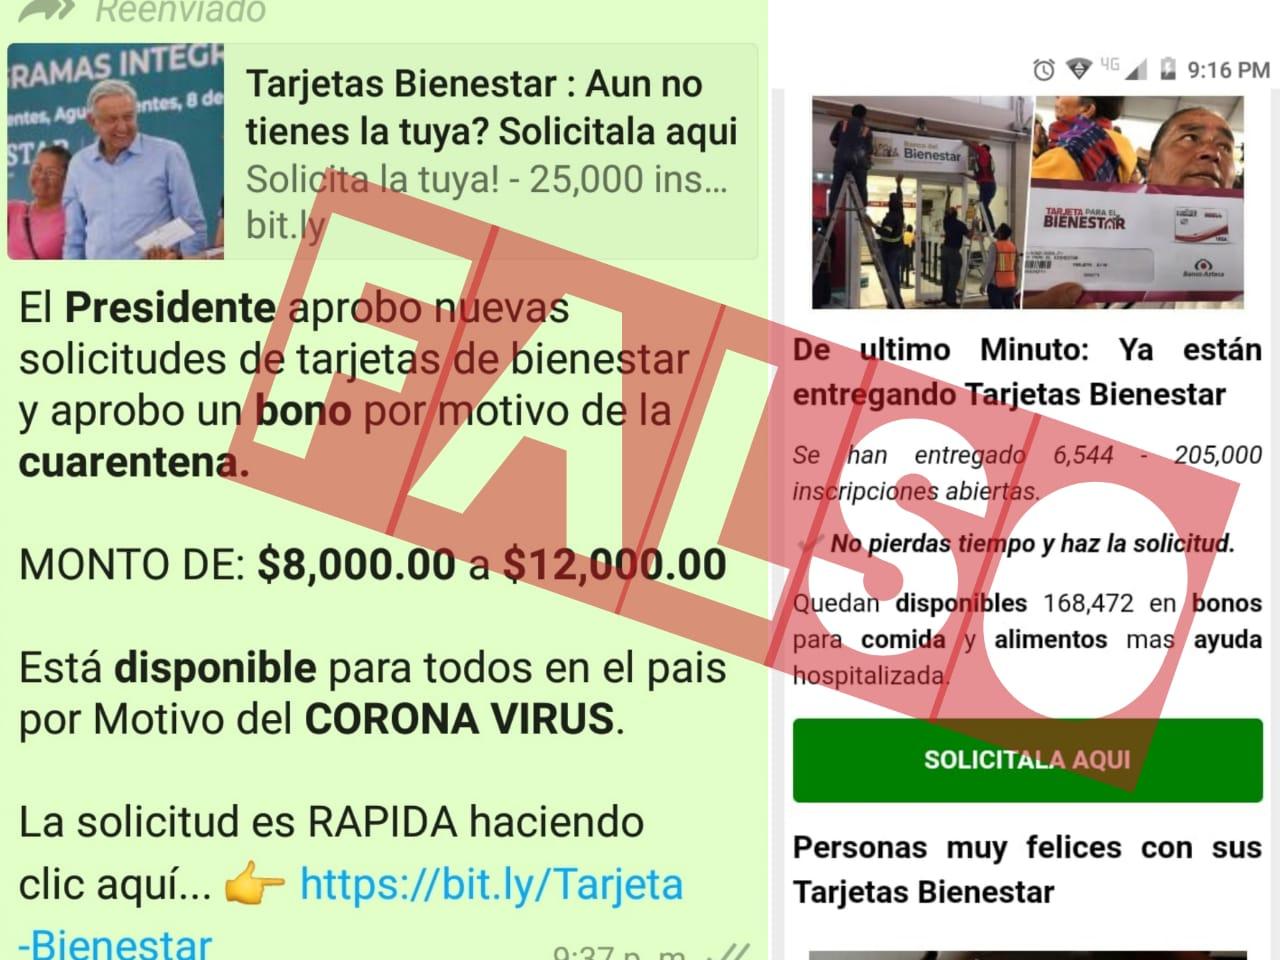 Advierte Secretaría de Bienestar de falso trámite para tarjetas por internet